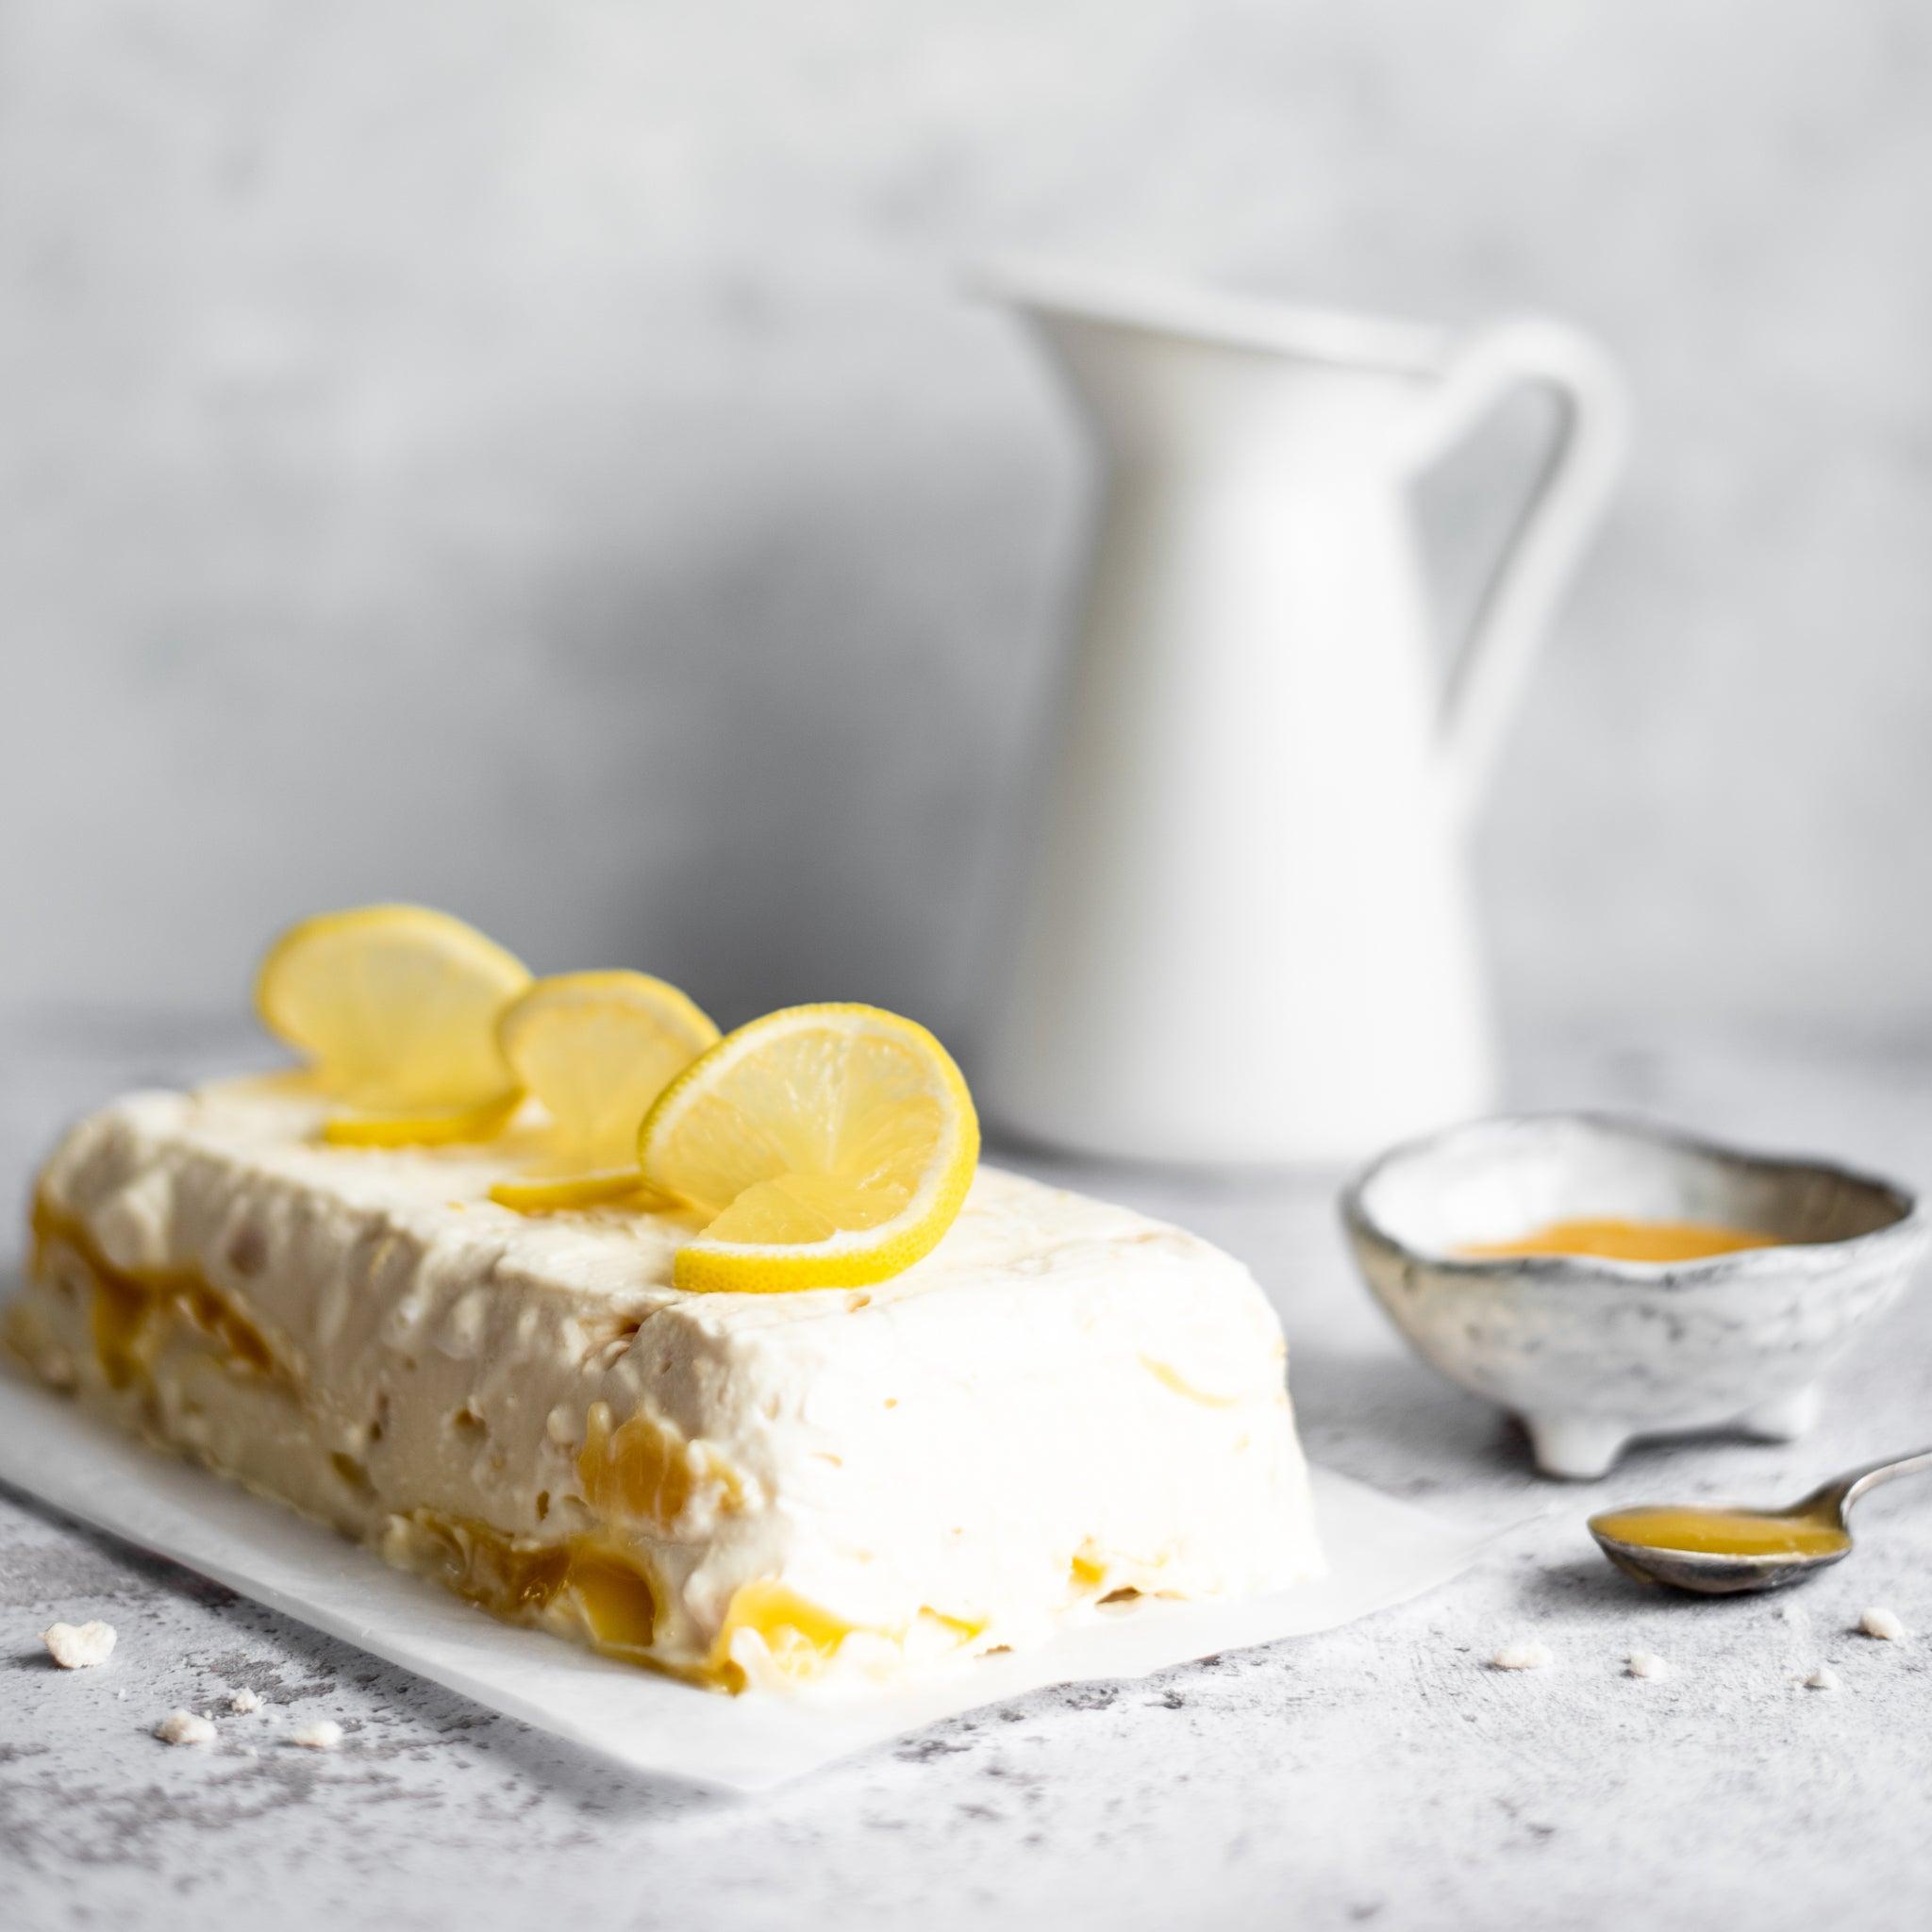 Lemon-Meringue-Ice-Cream-SQUARE-12.jpg